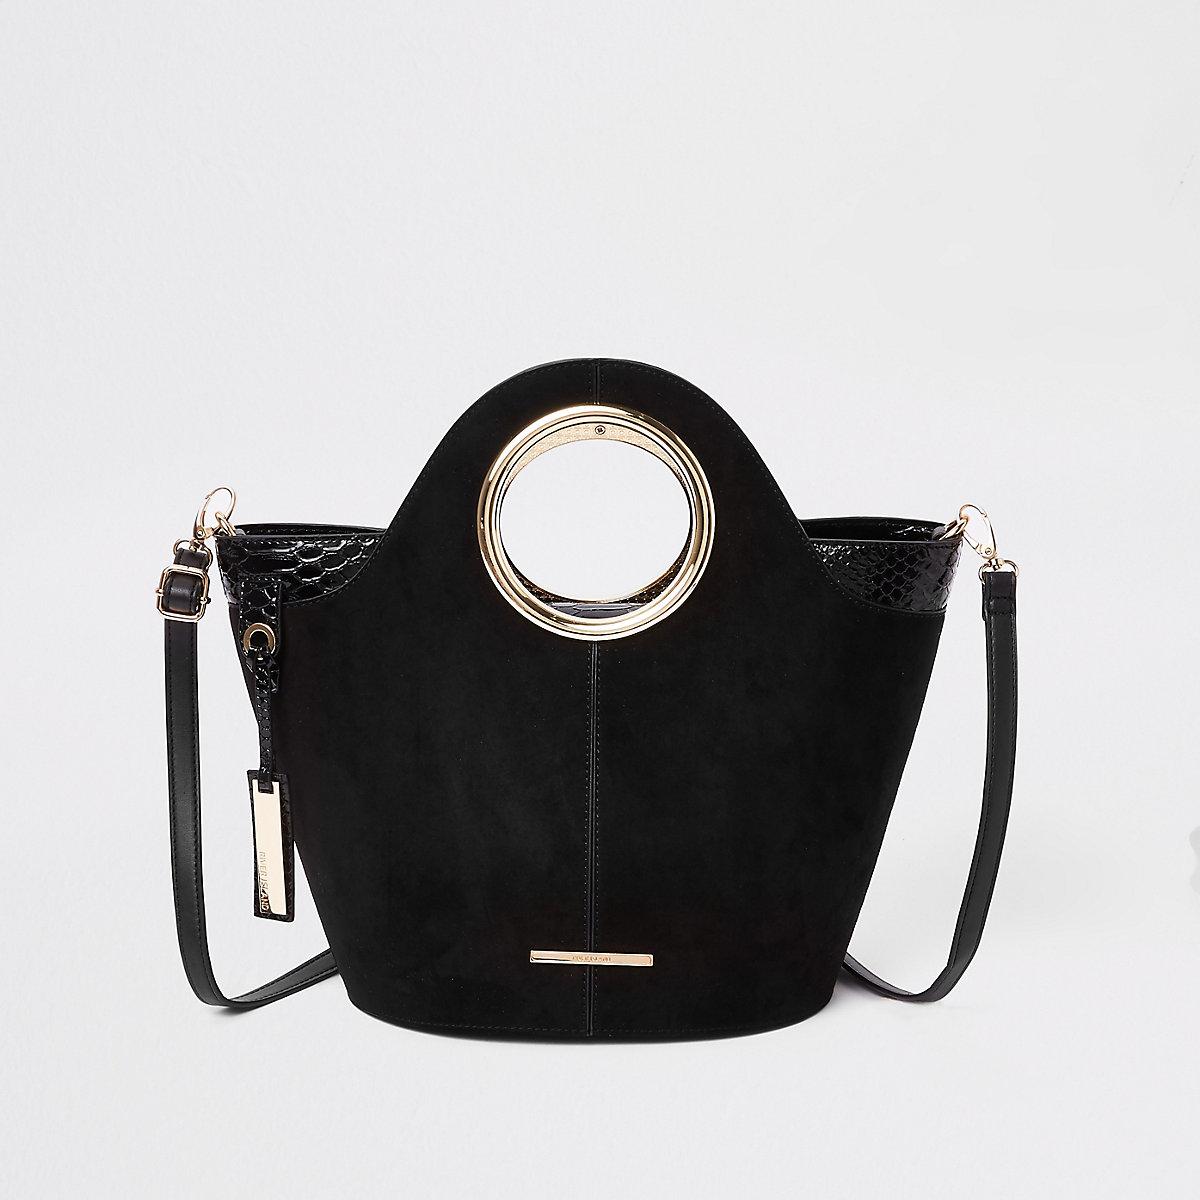 Kleine zwarte handtas met cirkelvormige hendel